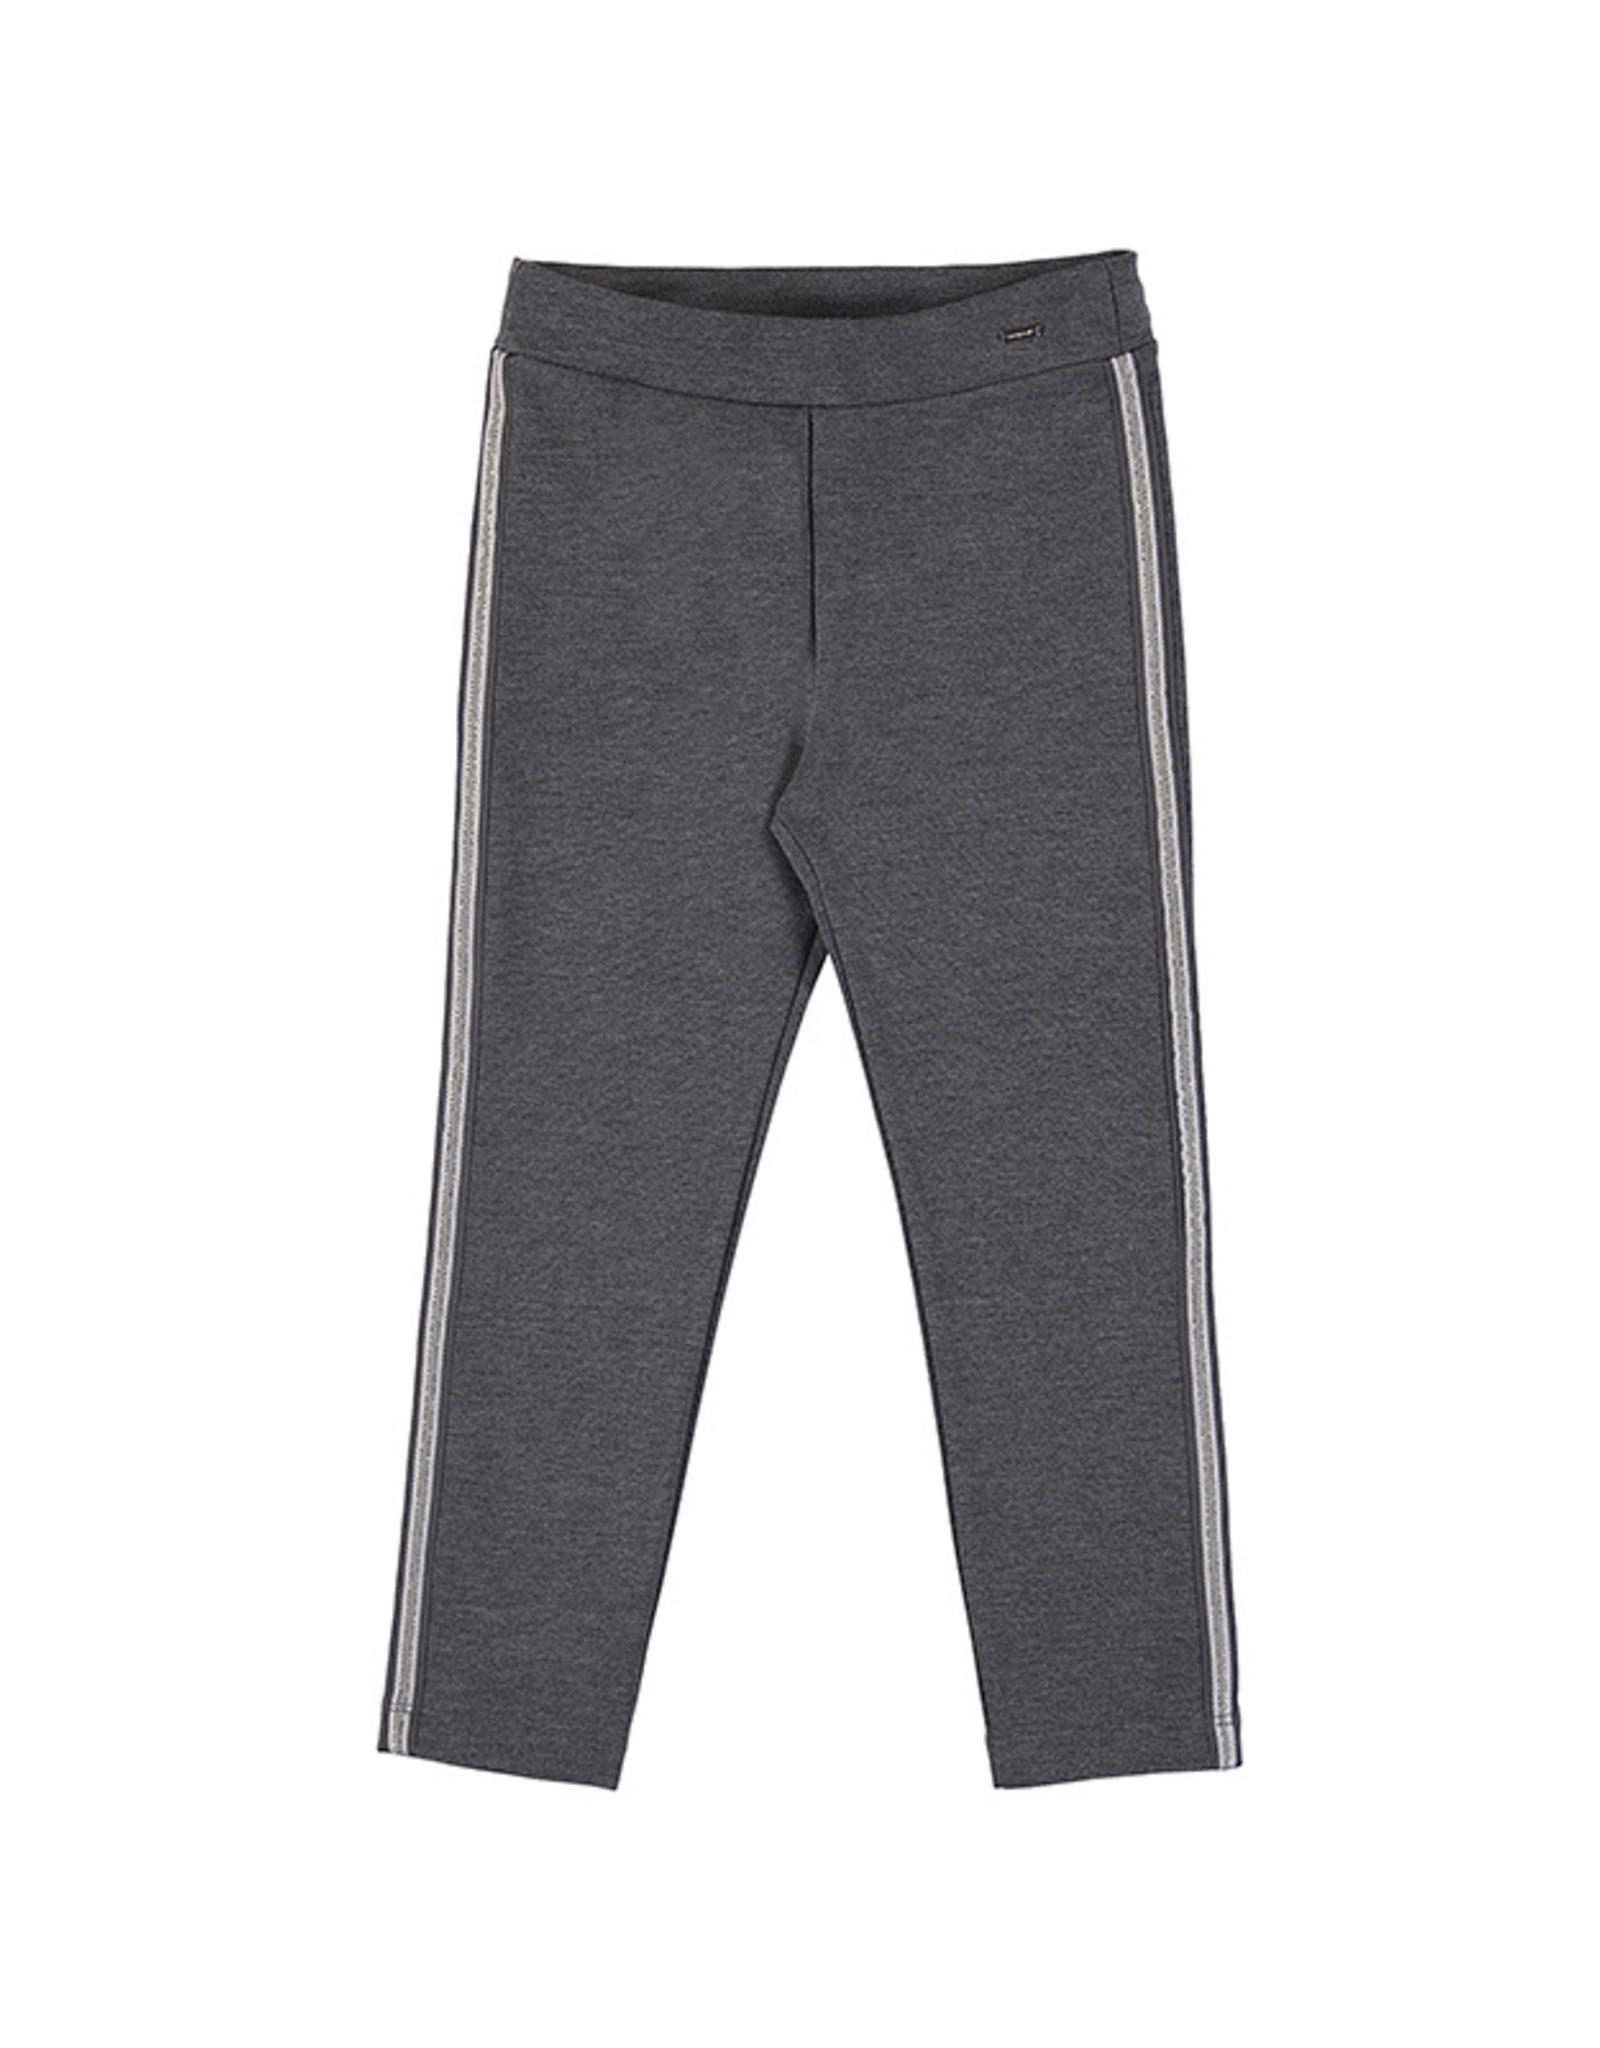 Mayoral Grey Knit Pant Metallic Track Stripe